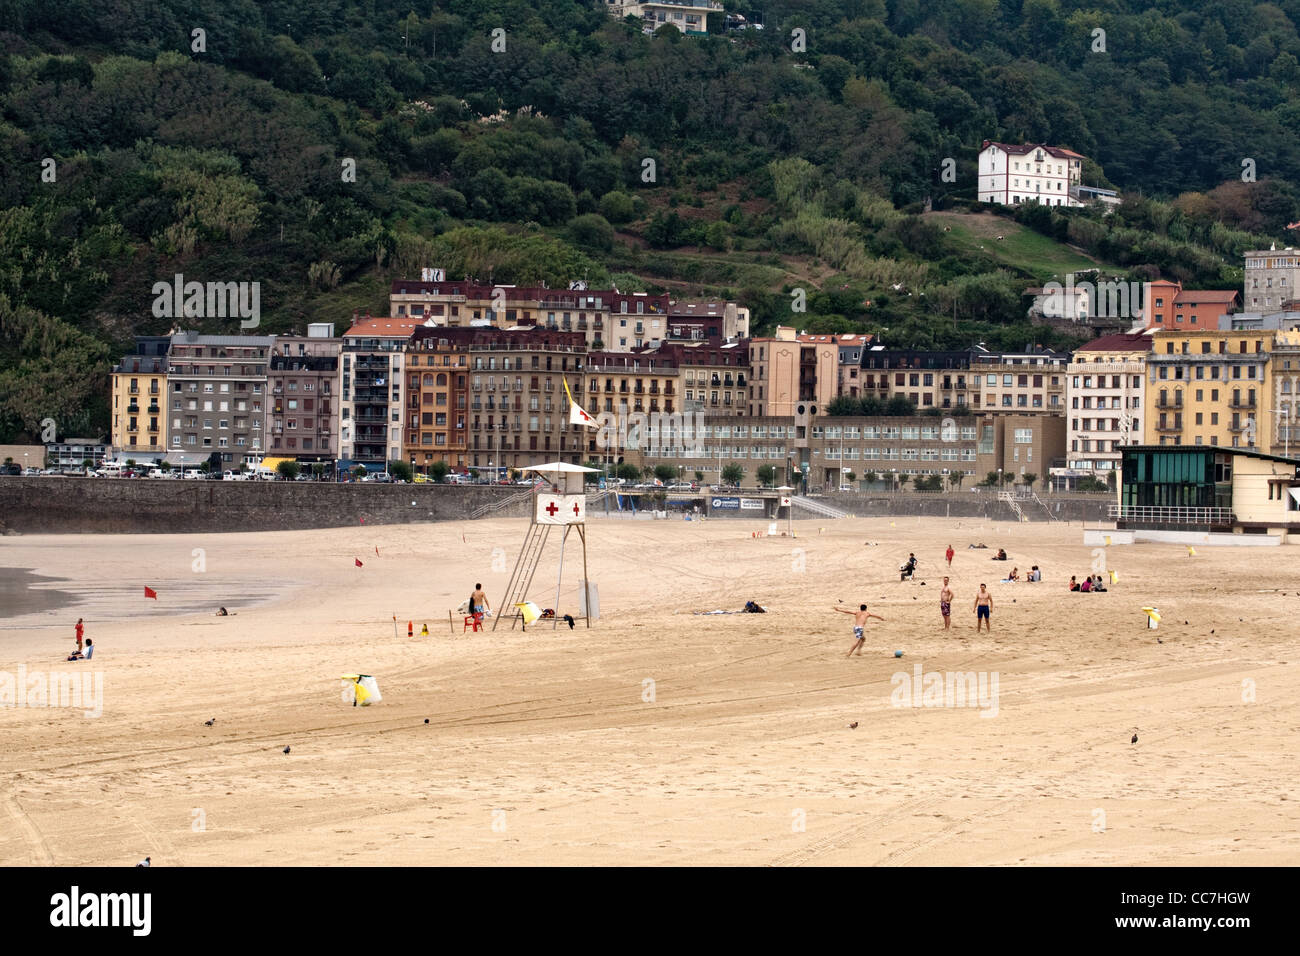 Playa de Zurriola Donostia - San Sebastian Spain - Stock Image